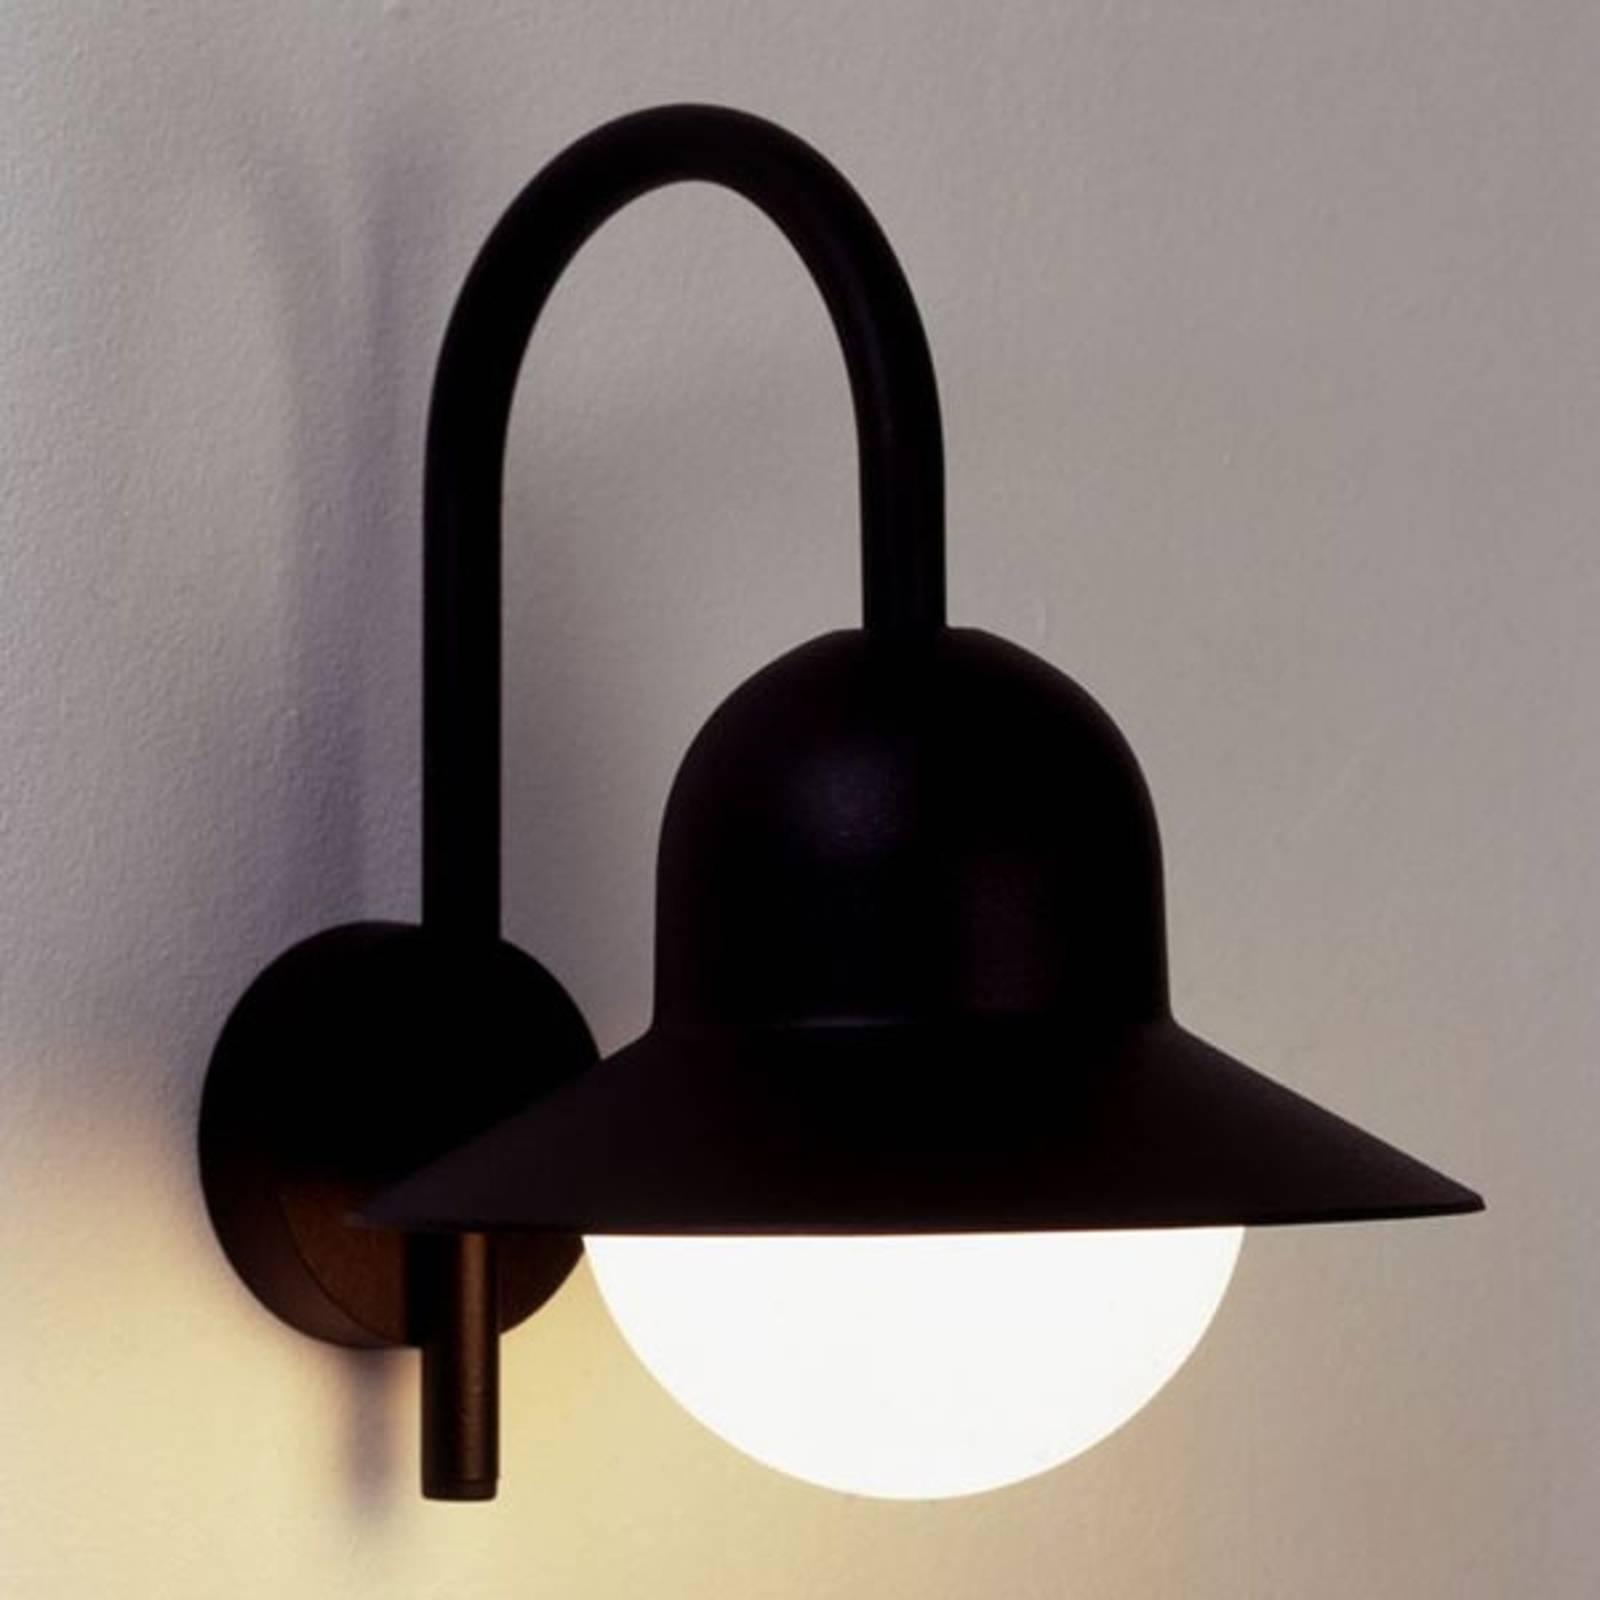 Zewnętrzna lampa ścienna 183 S